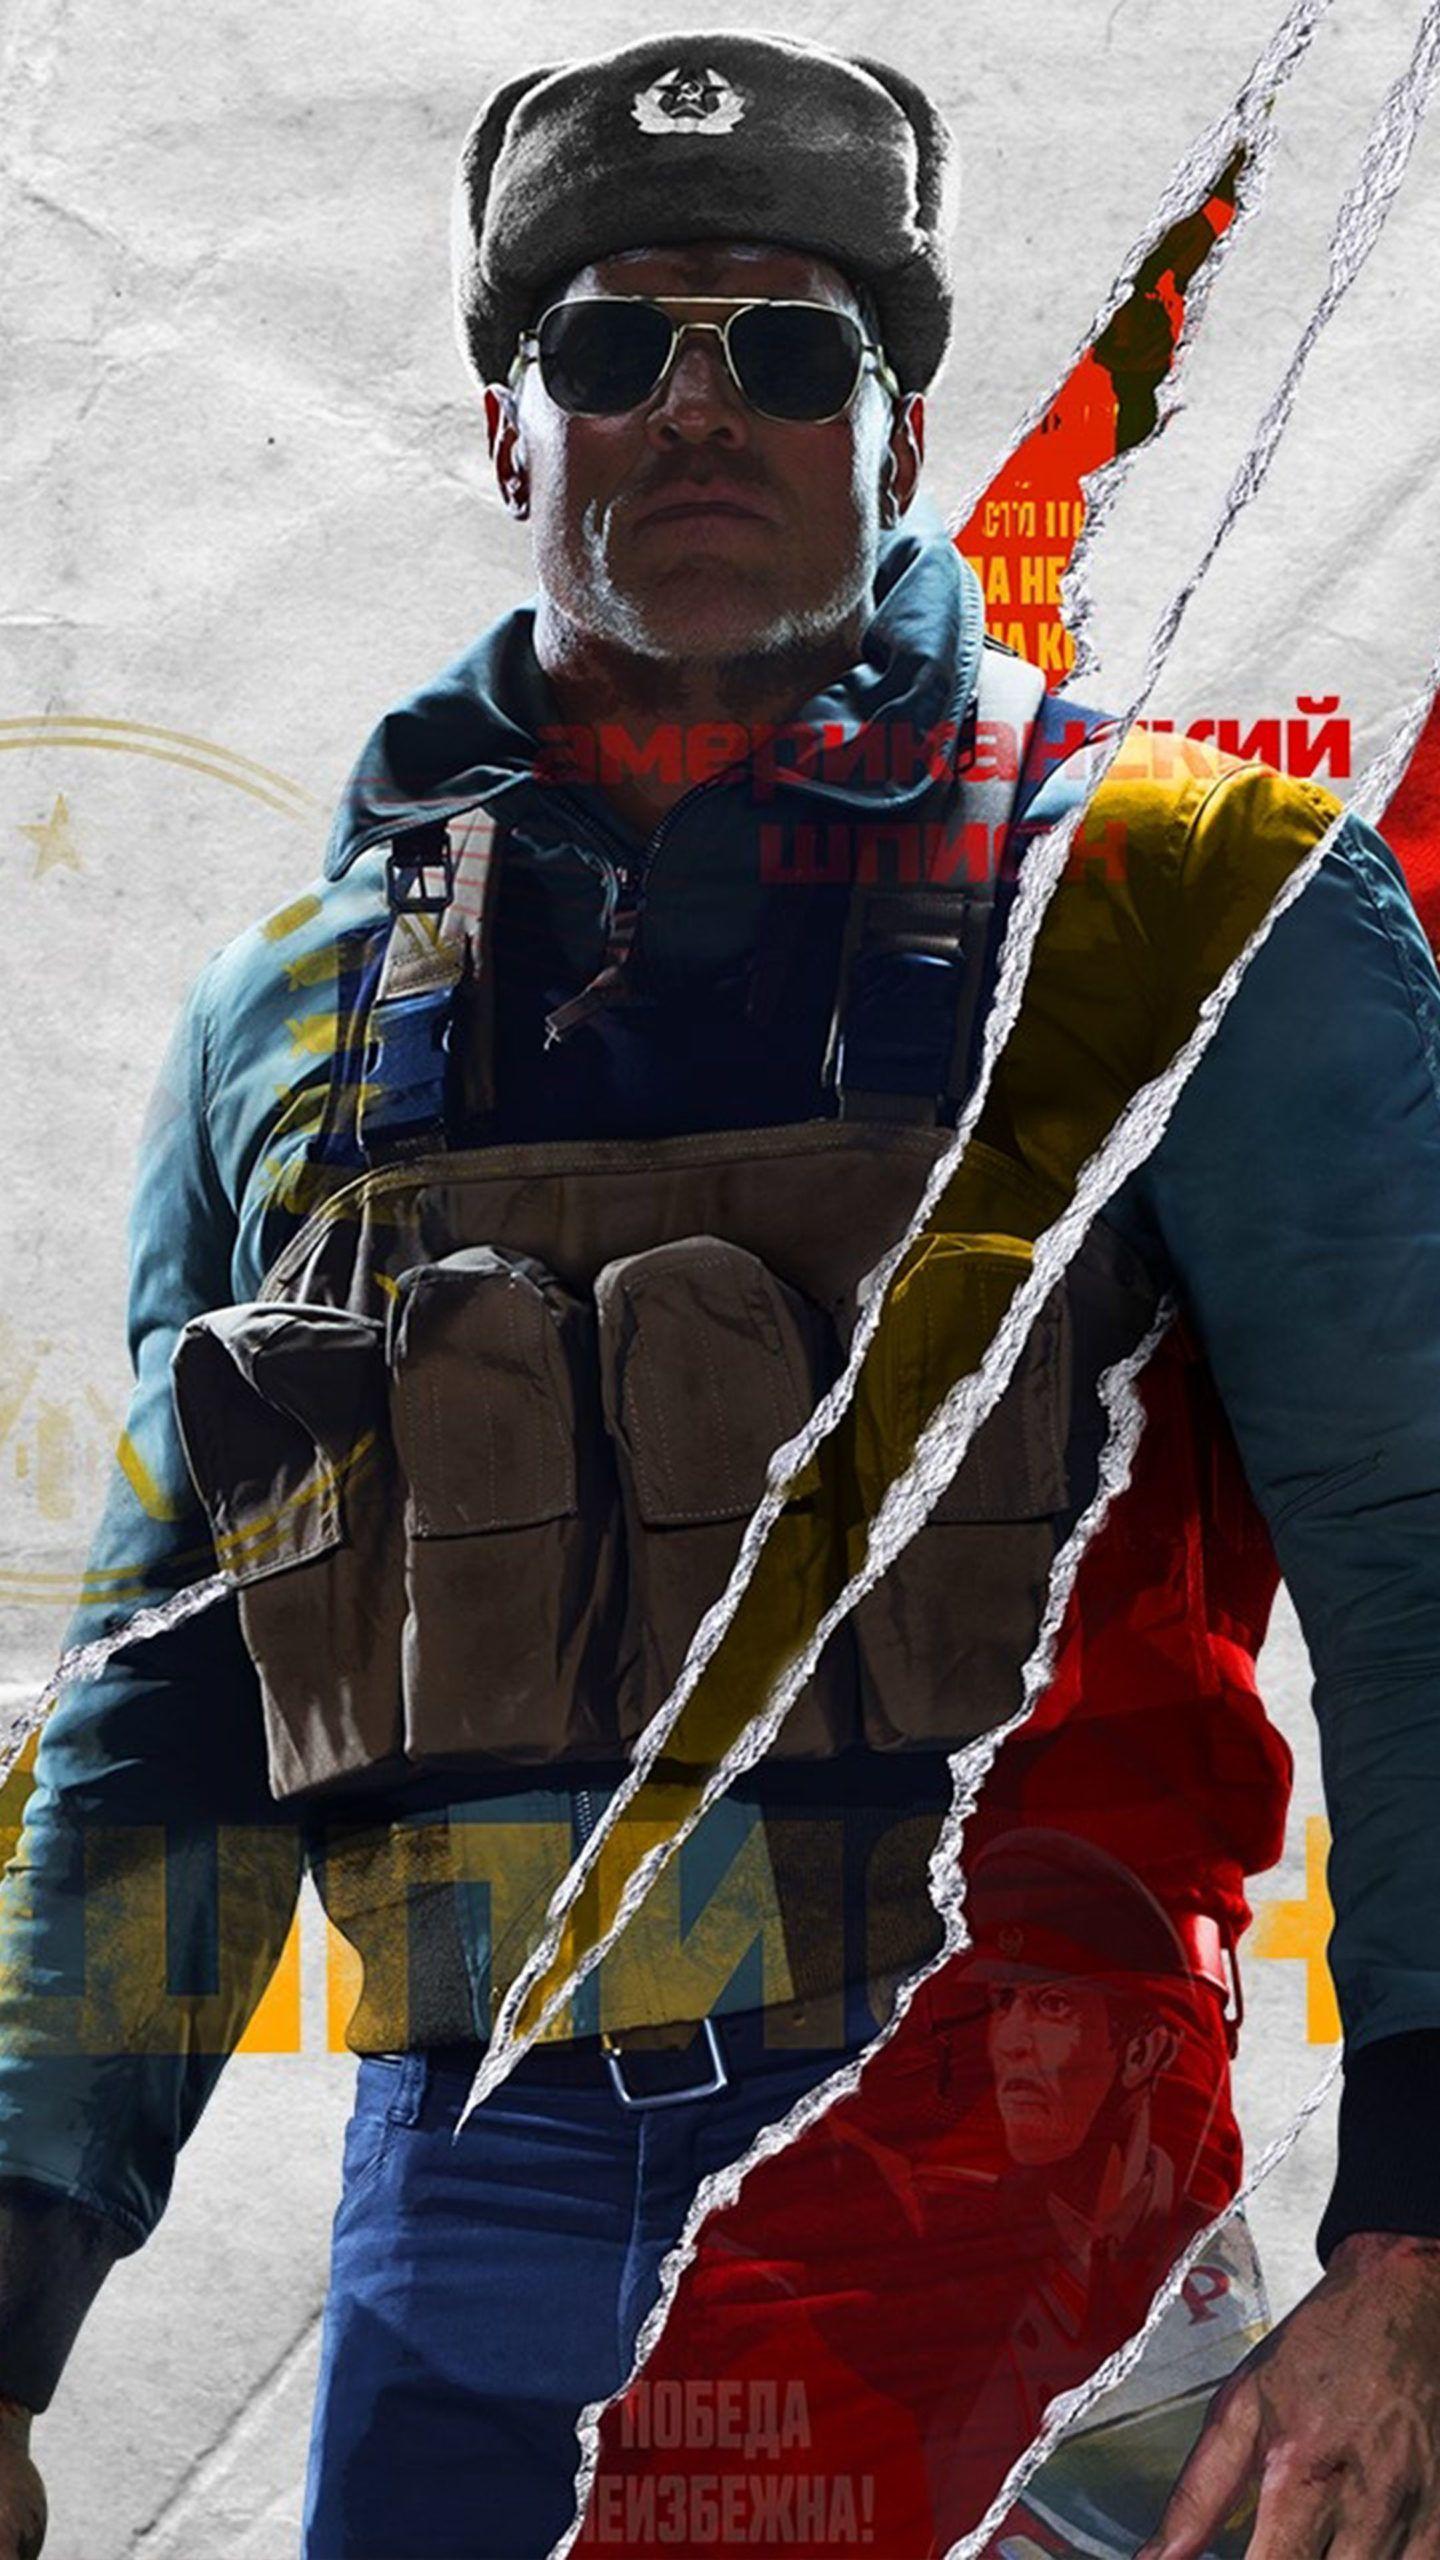 Cod Black Ops Cold War 2020 4k Ultra Hd Mobile Wallpaper In 2020 Call Of Duty Black Call Of Duty Black Ops